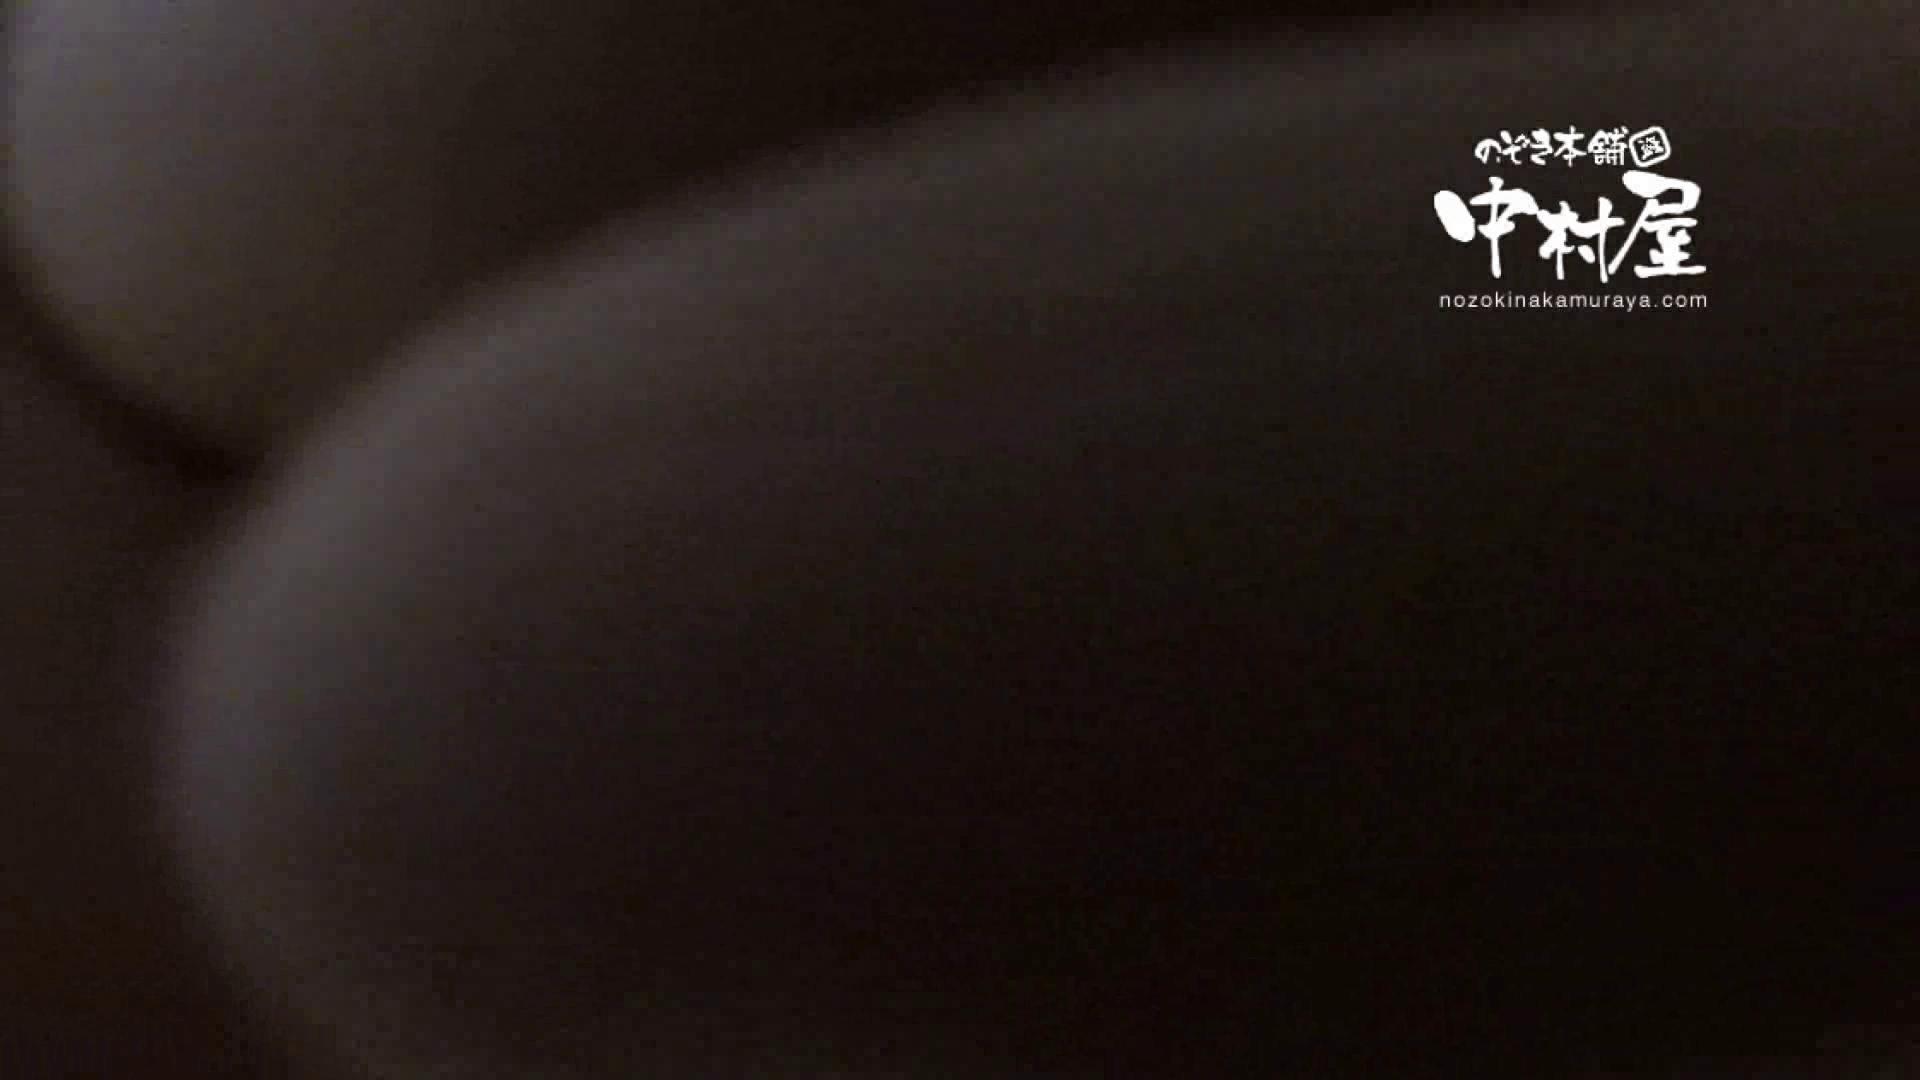 鬼畜 vol.12 剥ぎ取ったら色白でゴウモウだった 前編 OLのエロ生活  48連発 2